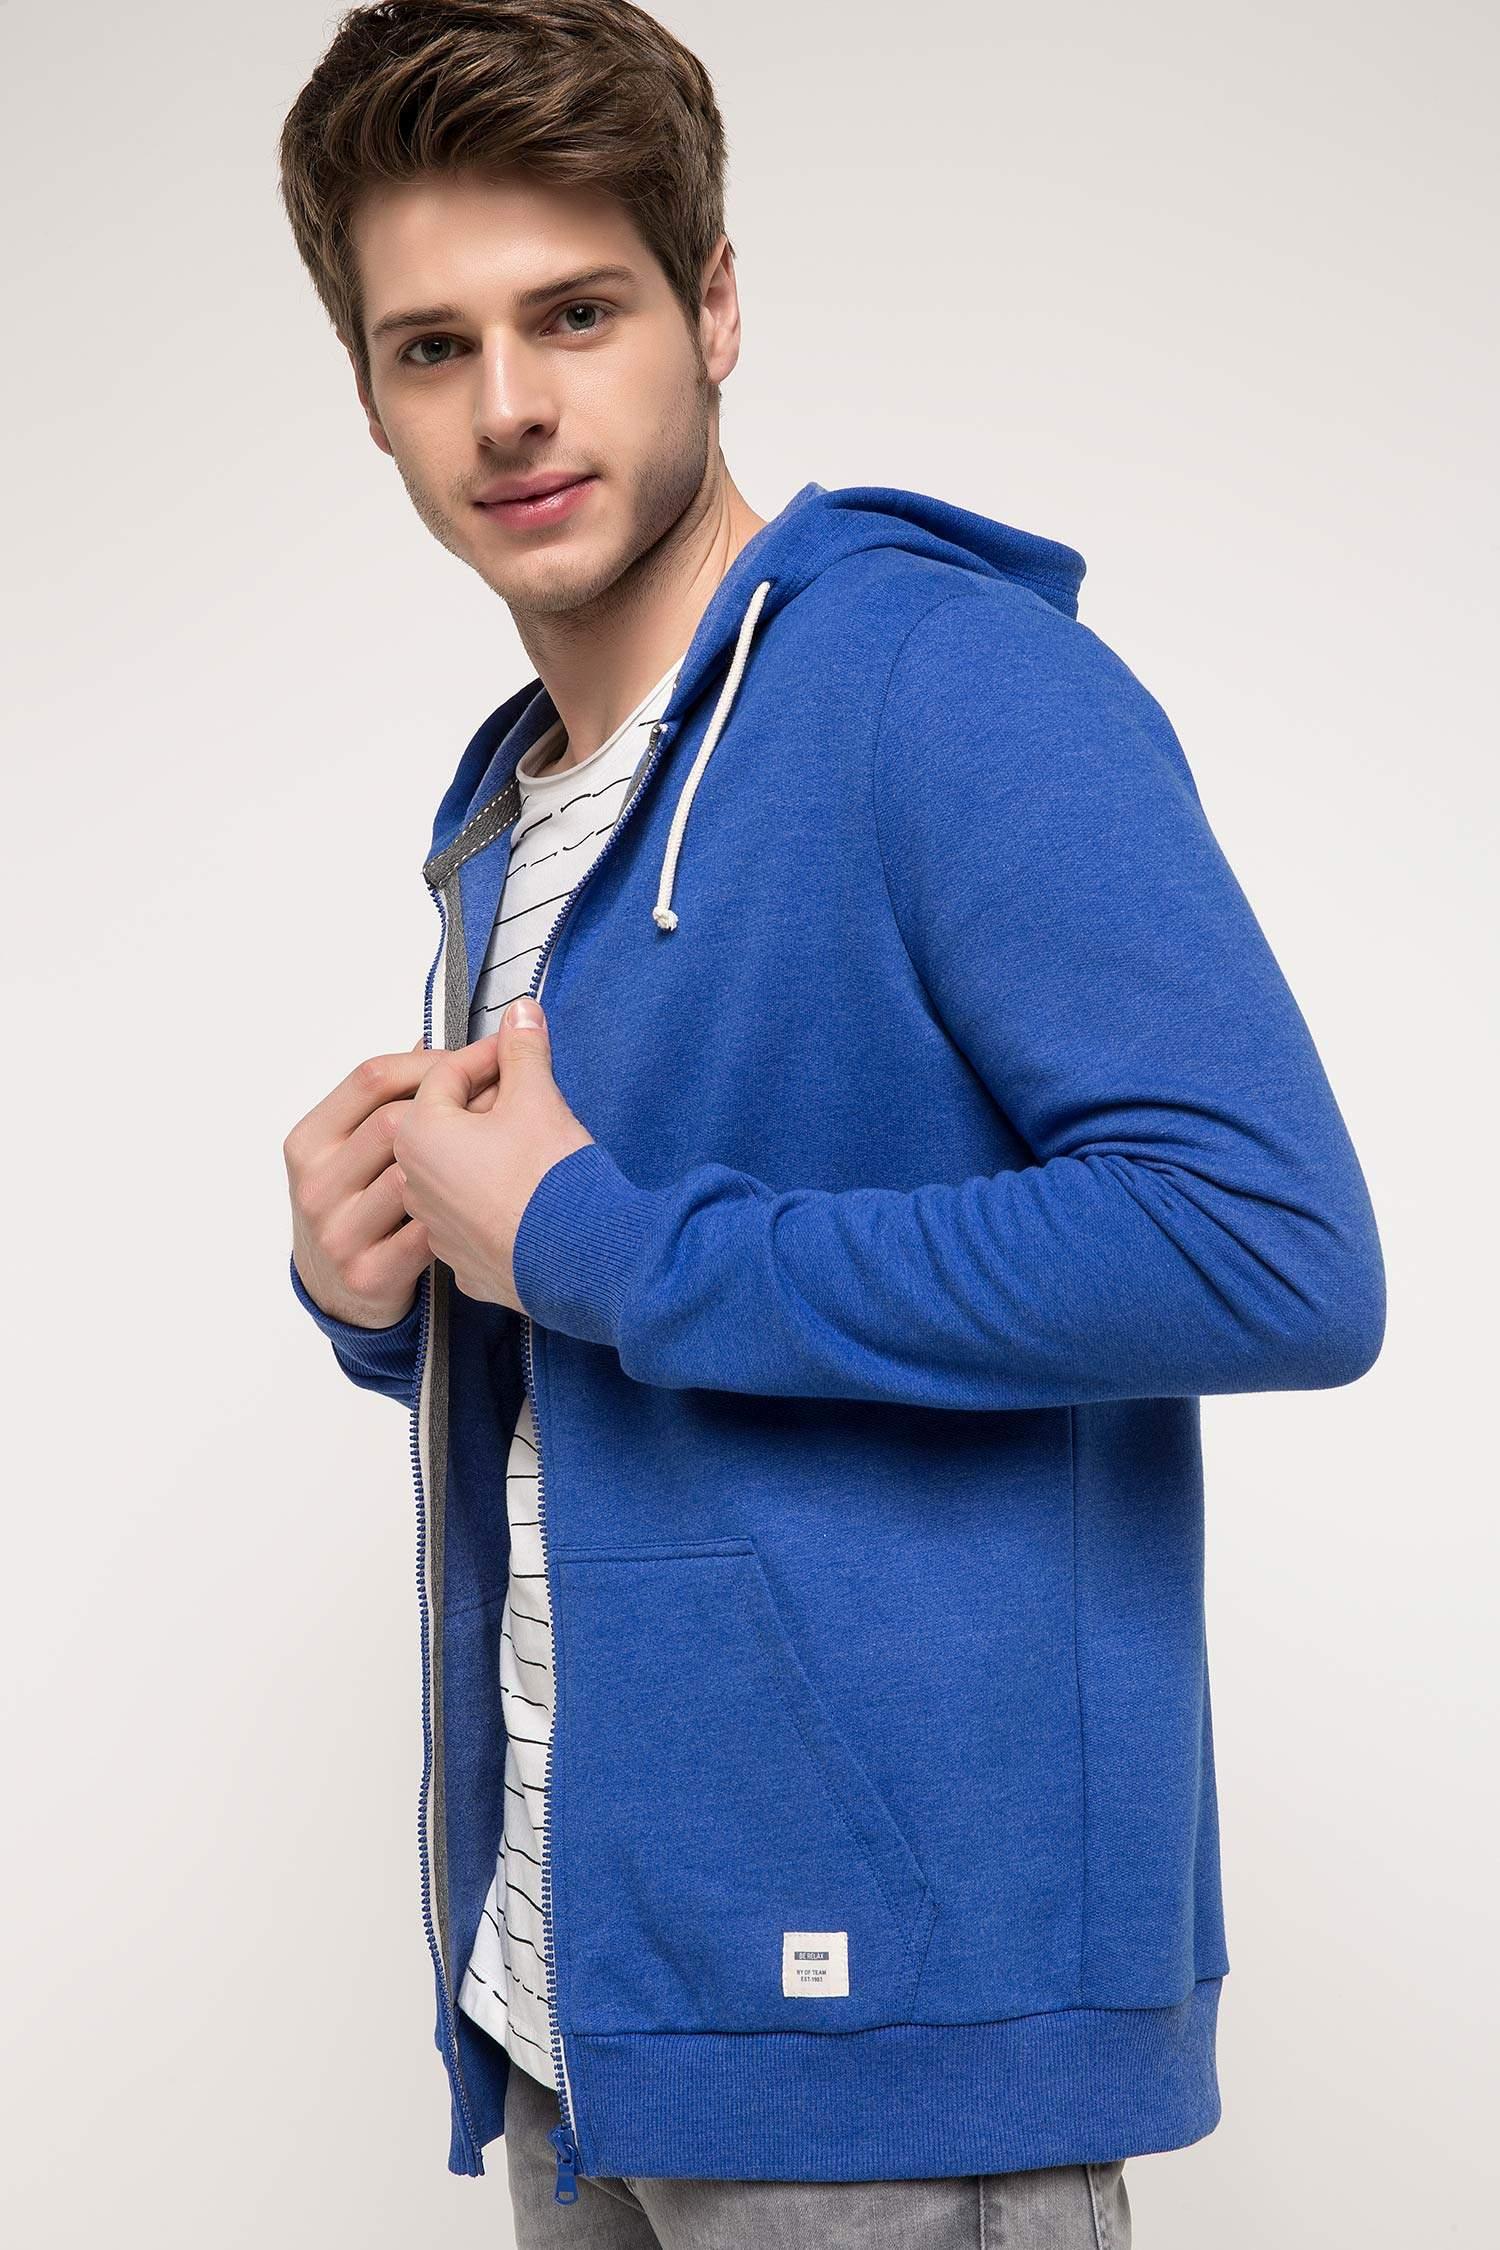 eace02200a025 Royal Mavi Erkek Basic Kapüşonlu Sweatshirt Hırka 802520 | DeFacto